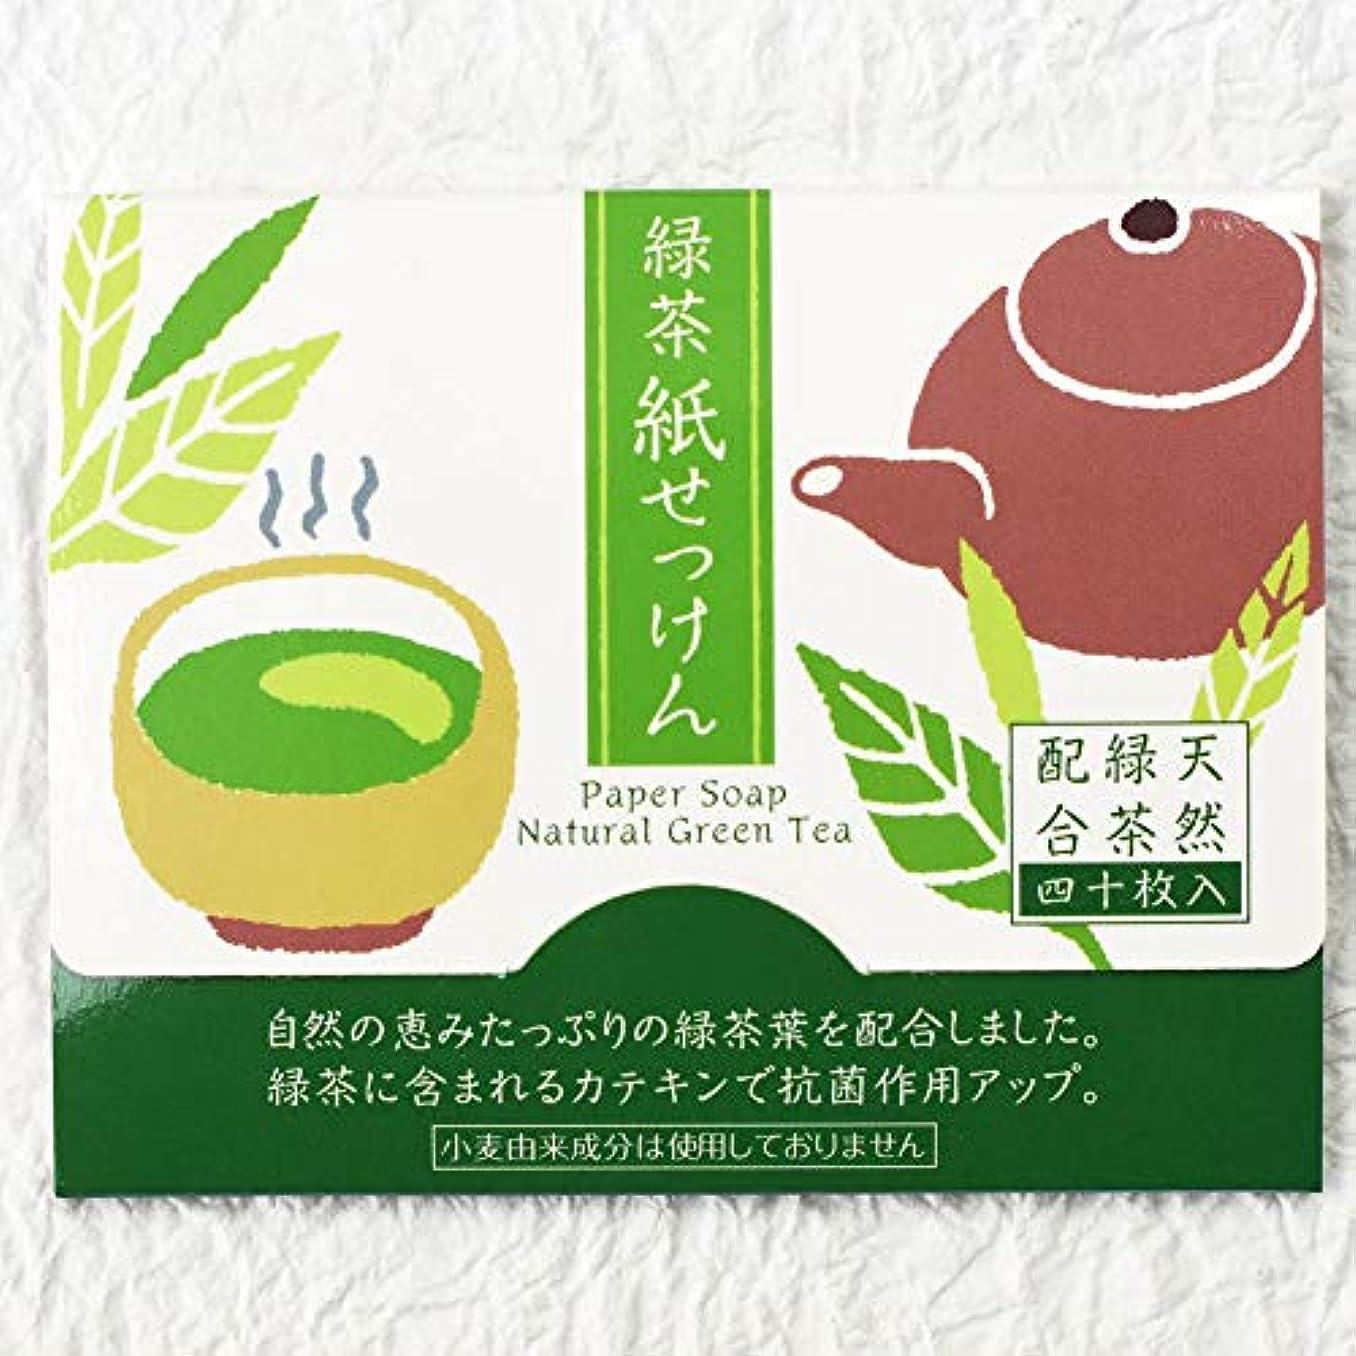 建物プロジェクター優遇表現社 紙せっけん 天然緑茶配合 22-289